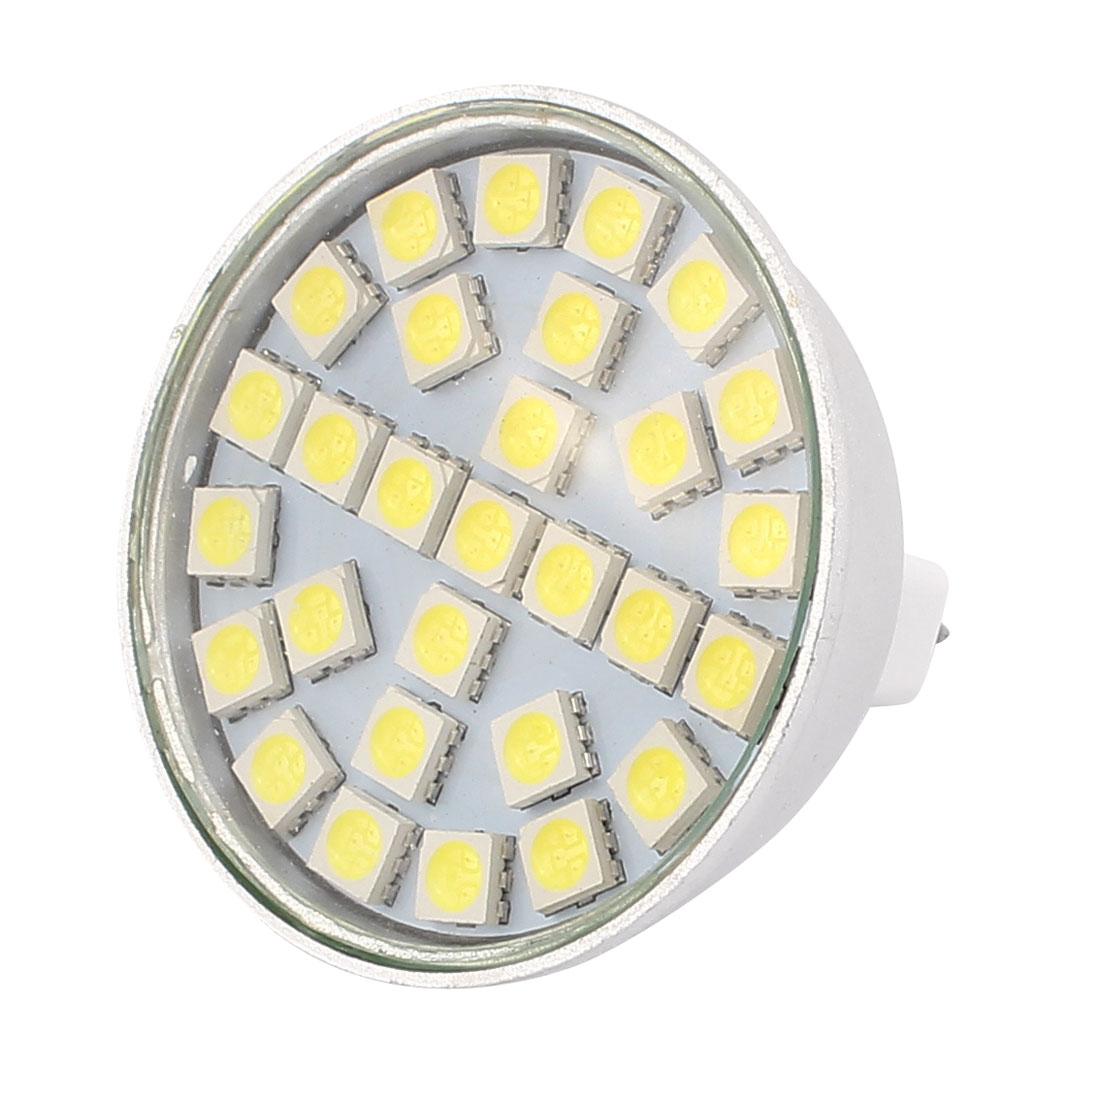 MR16 SMD5050 29LEDs Aluminum Energy Saving LED Lamp Bulb White AC 220V 5W